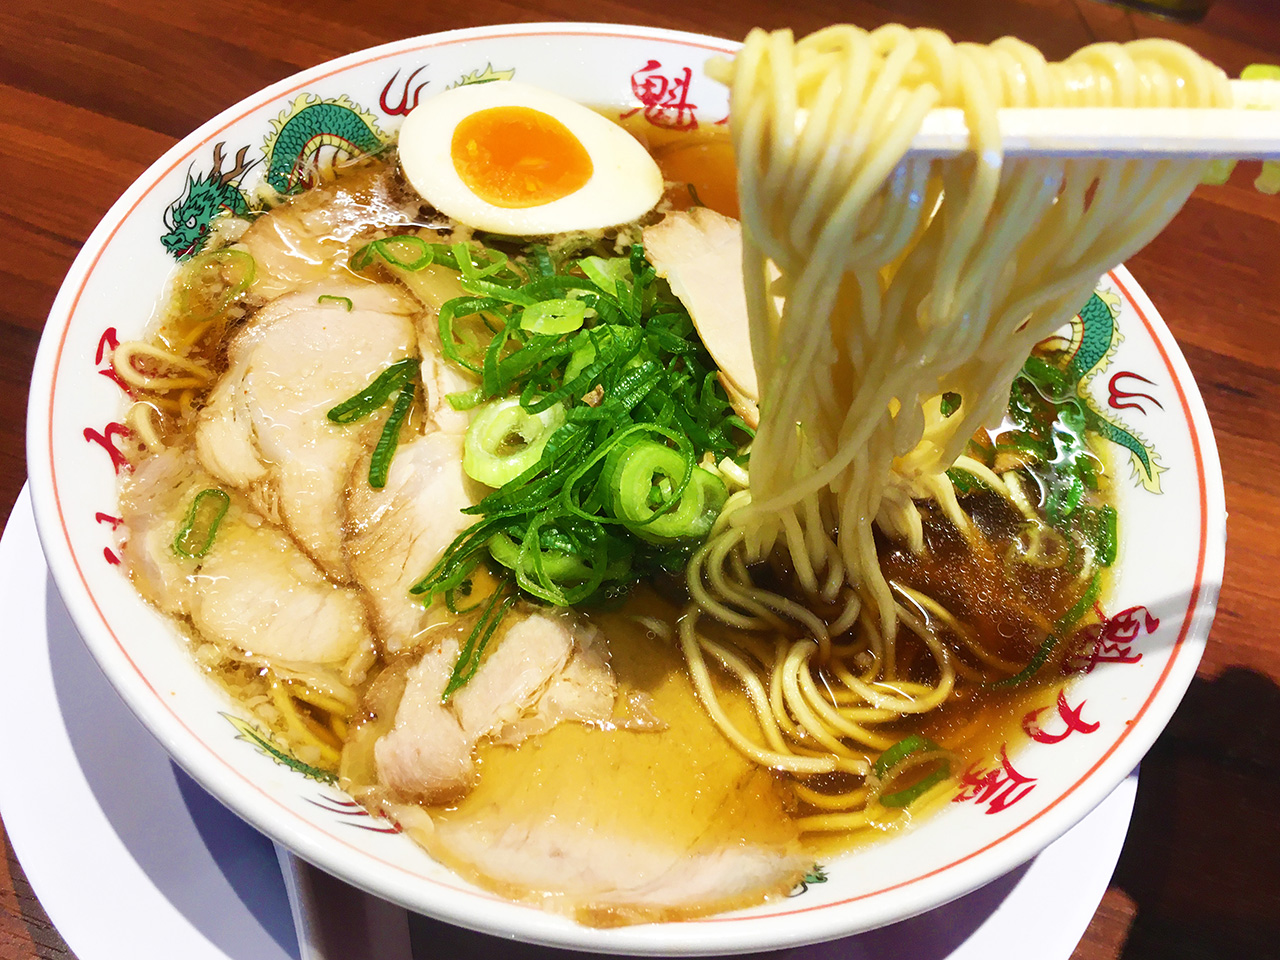 京都北白川 ラーメン魁力屋 多摩ニュータウン通り店がオープンしました